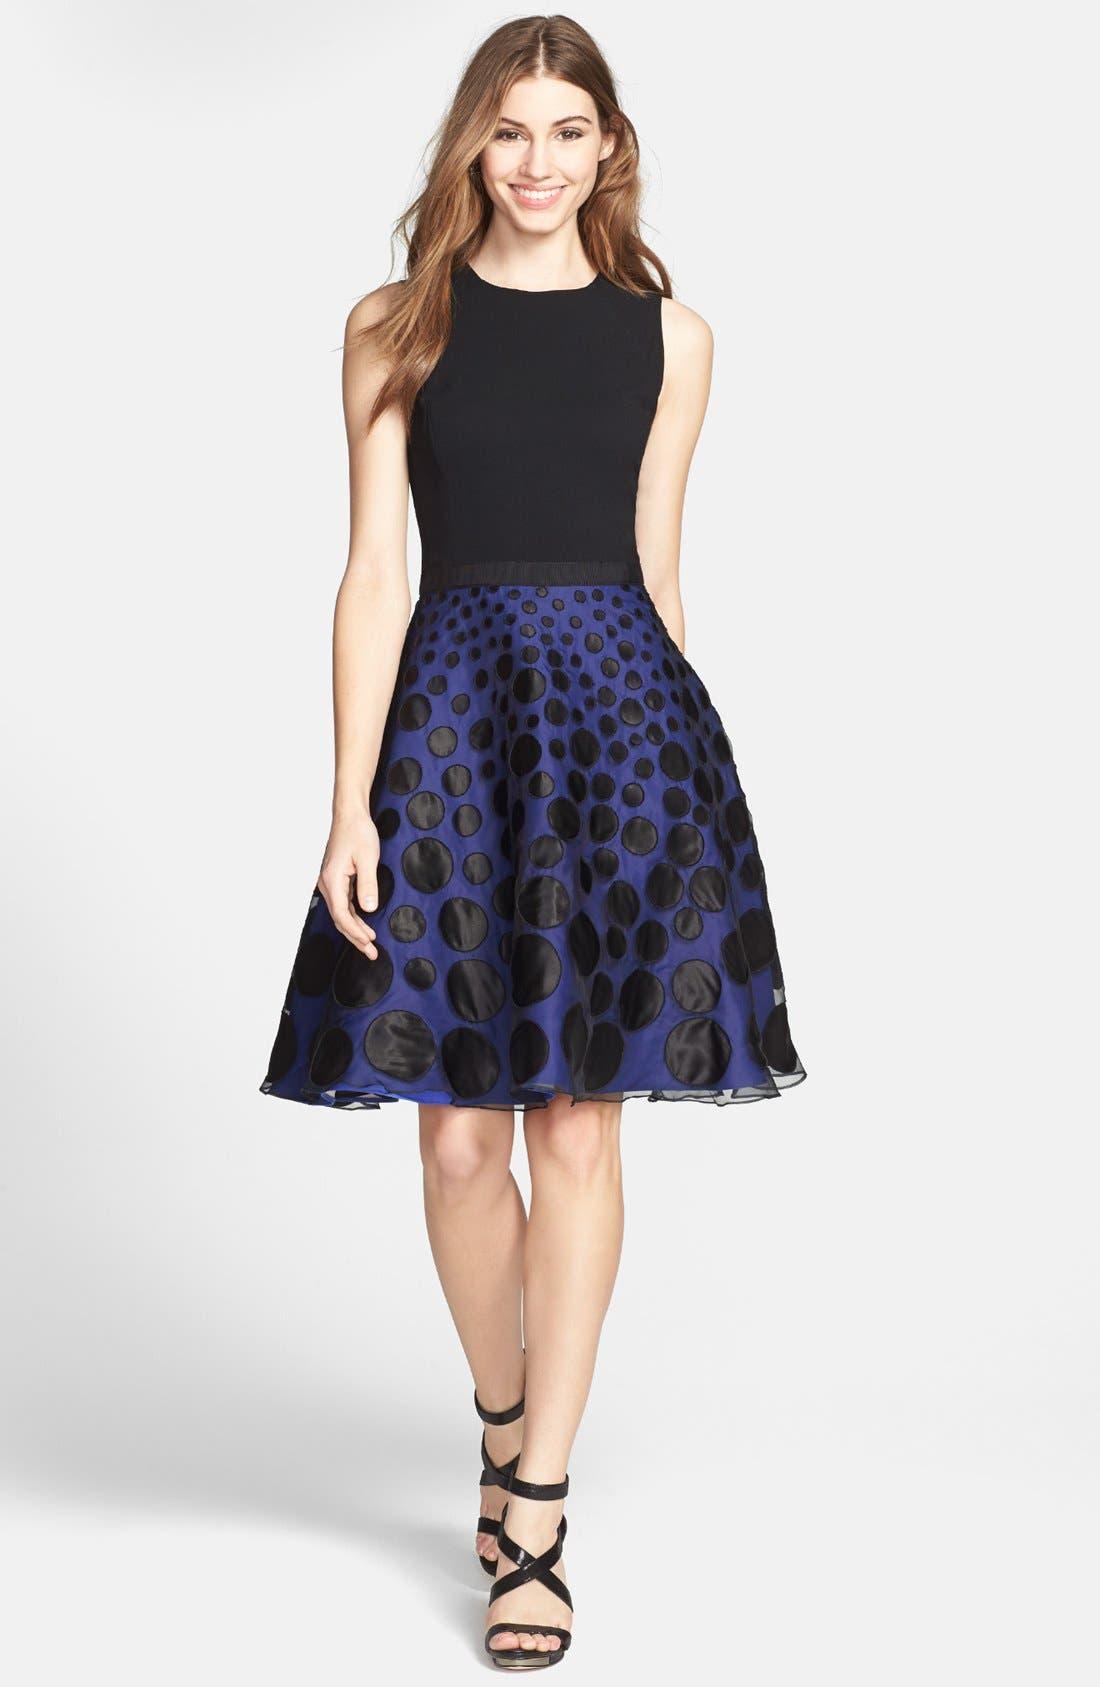 Mixed Media Fit & Flare Dress,                             Main thumbnail 1, color,                             Black/ Royal Blue